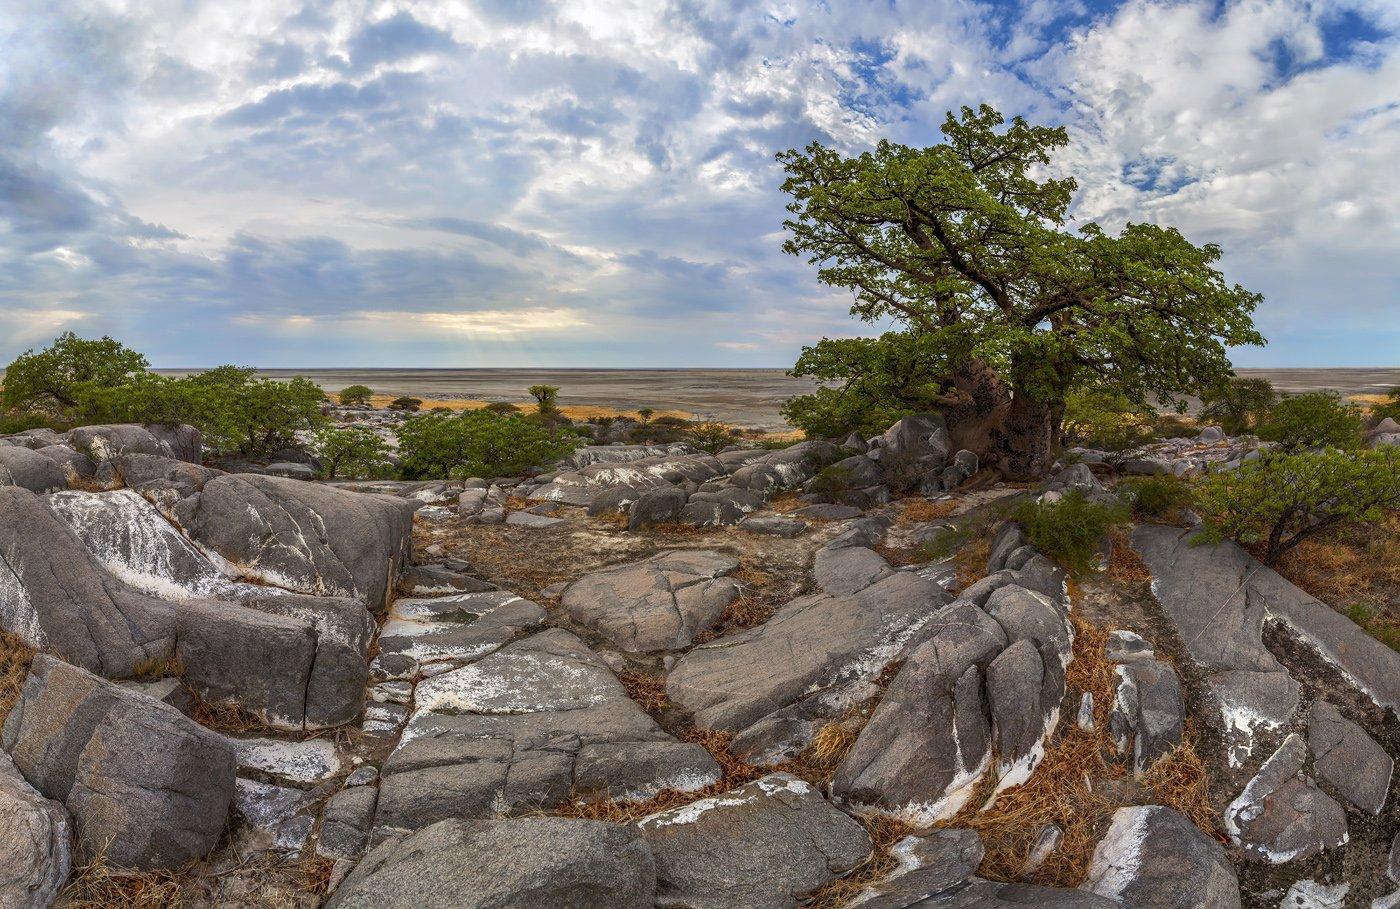 остров Кубу, Макгадикгади, Ботсвана, Африка, баобаб, солончак, Арсений Кашкаров